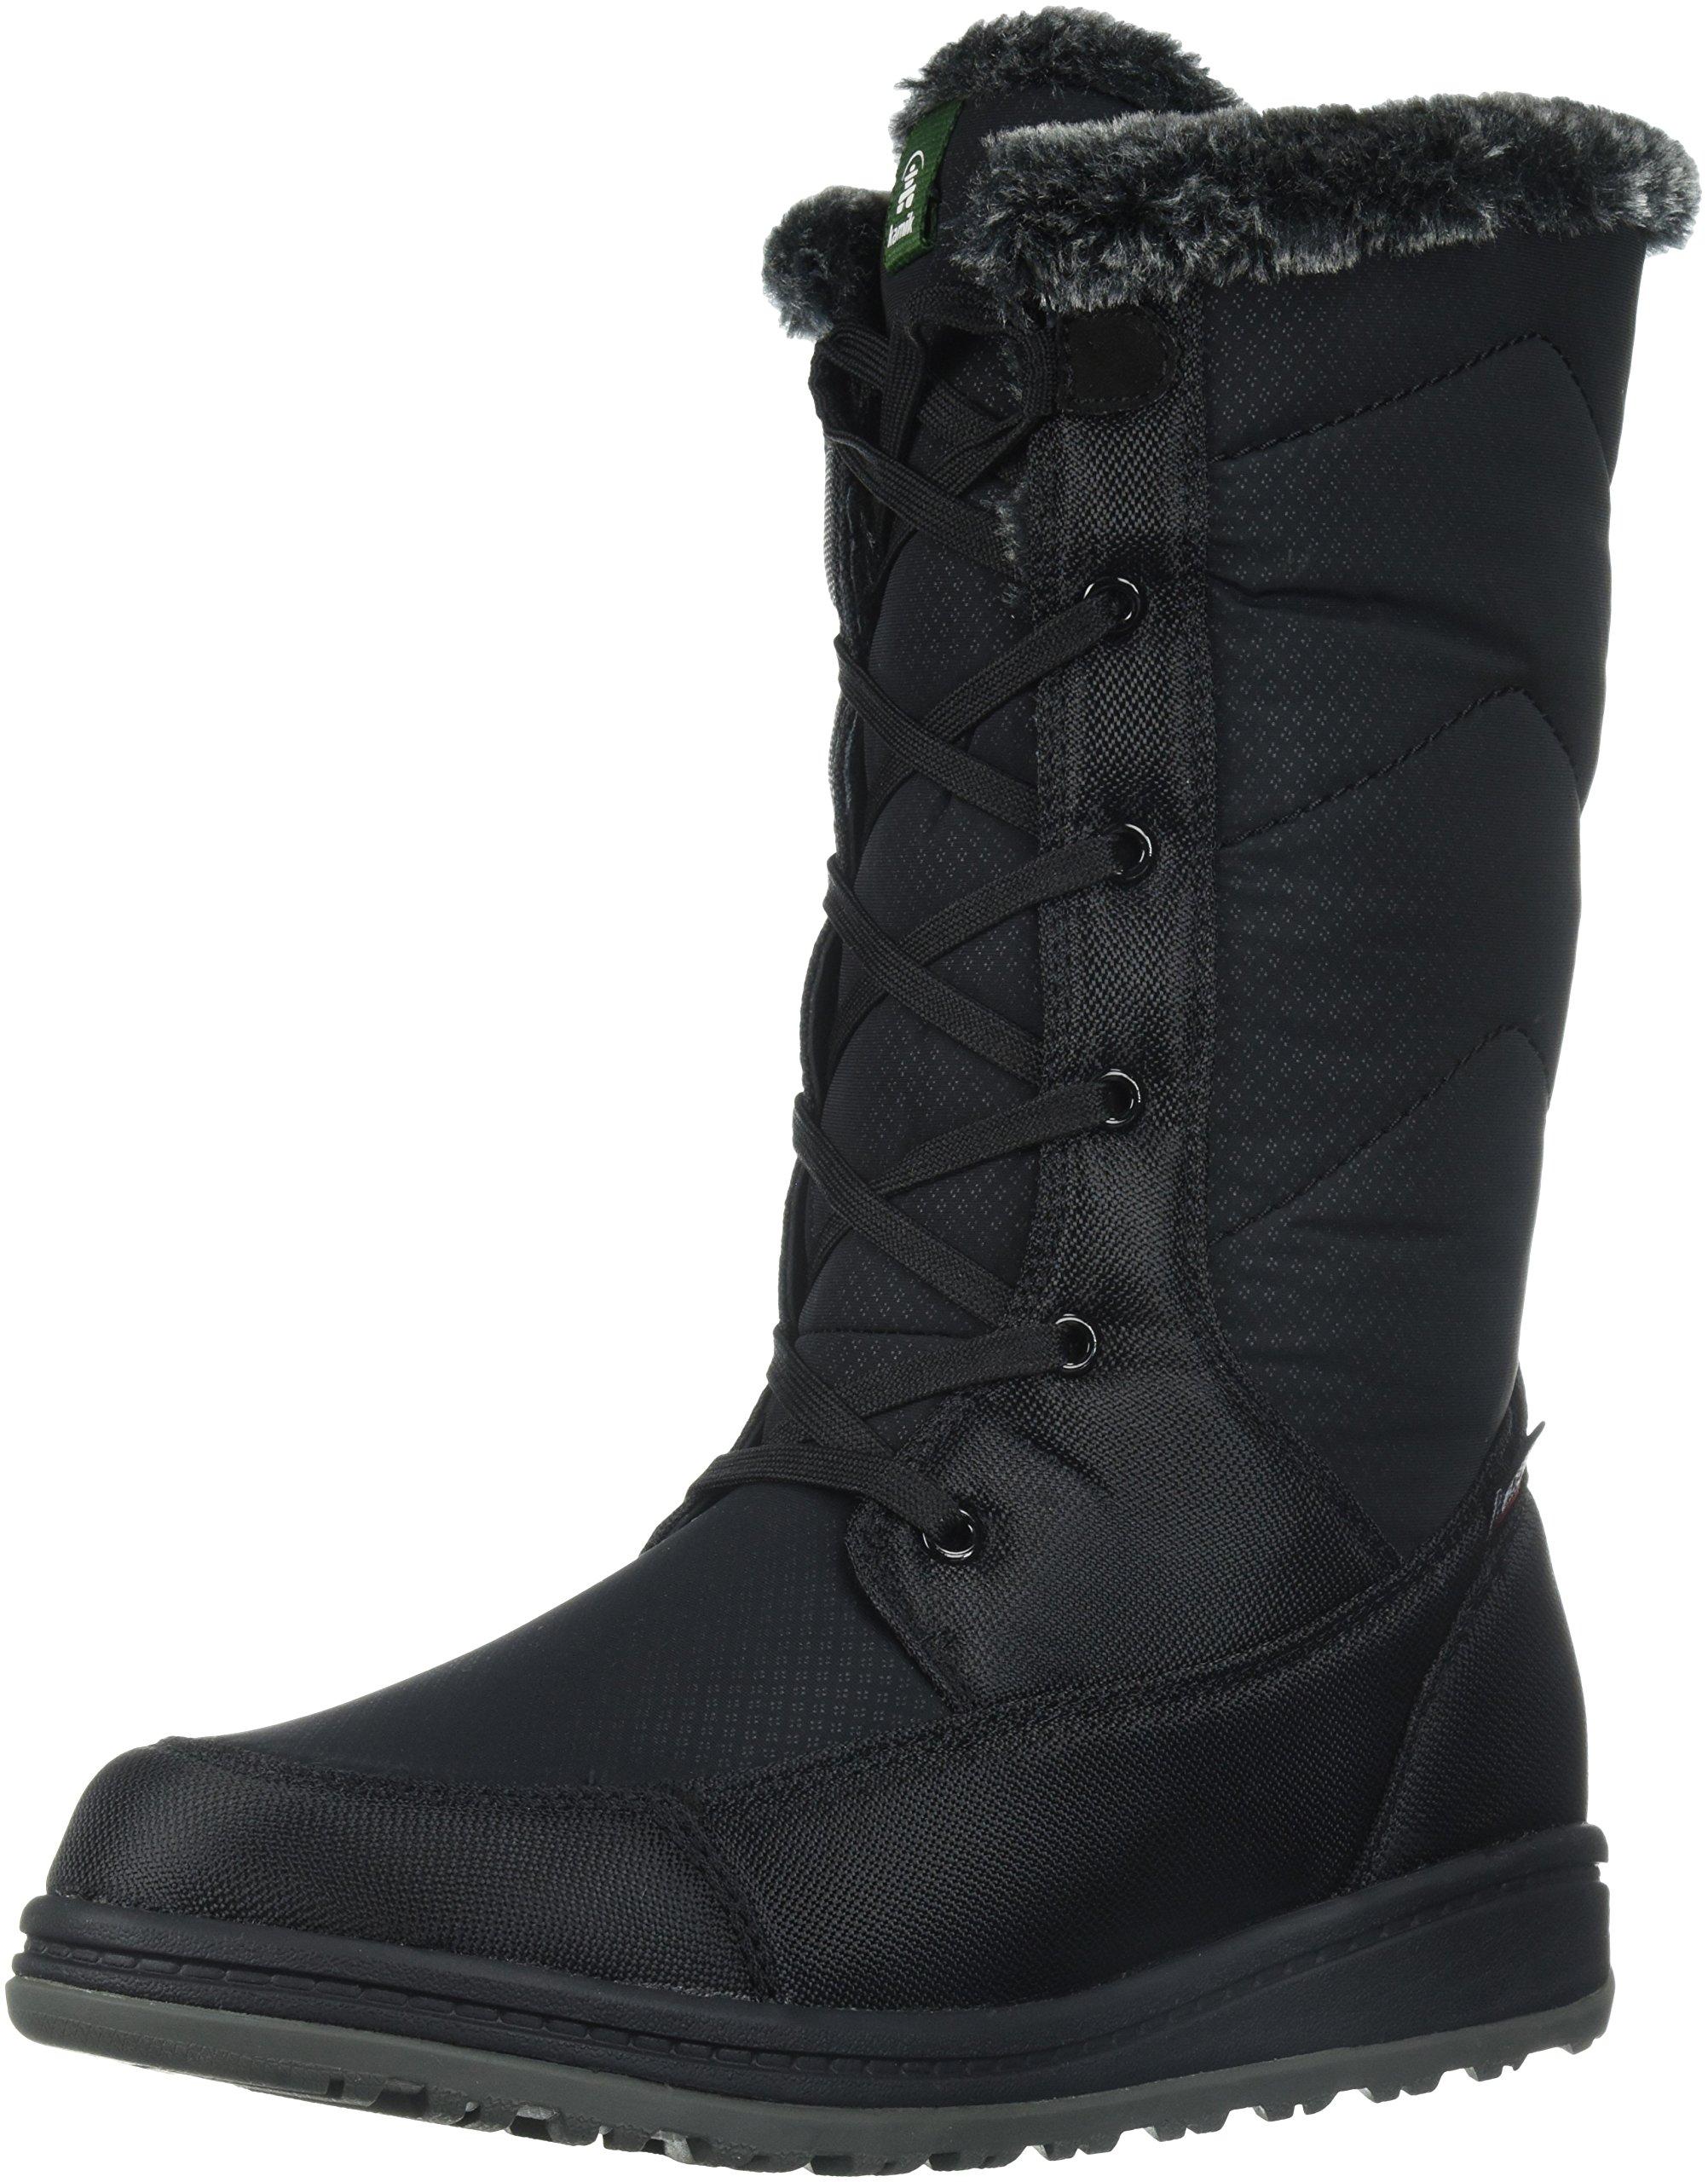 Kamik Women's Quincy Snow Boot, Black, 11 D US